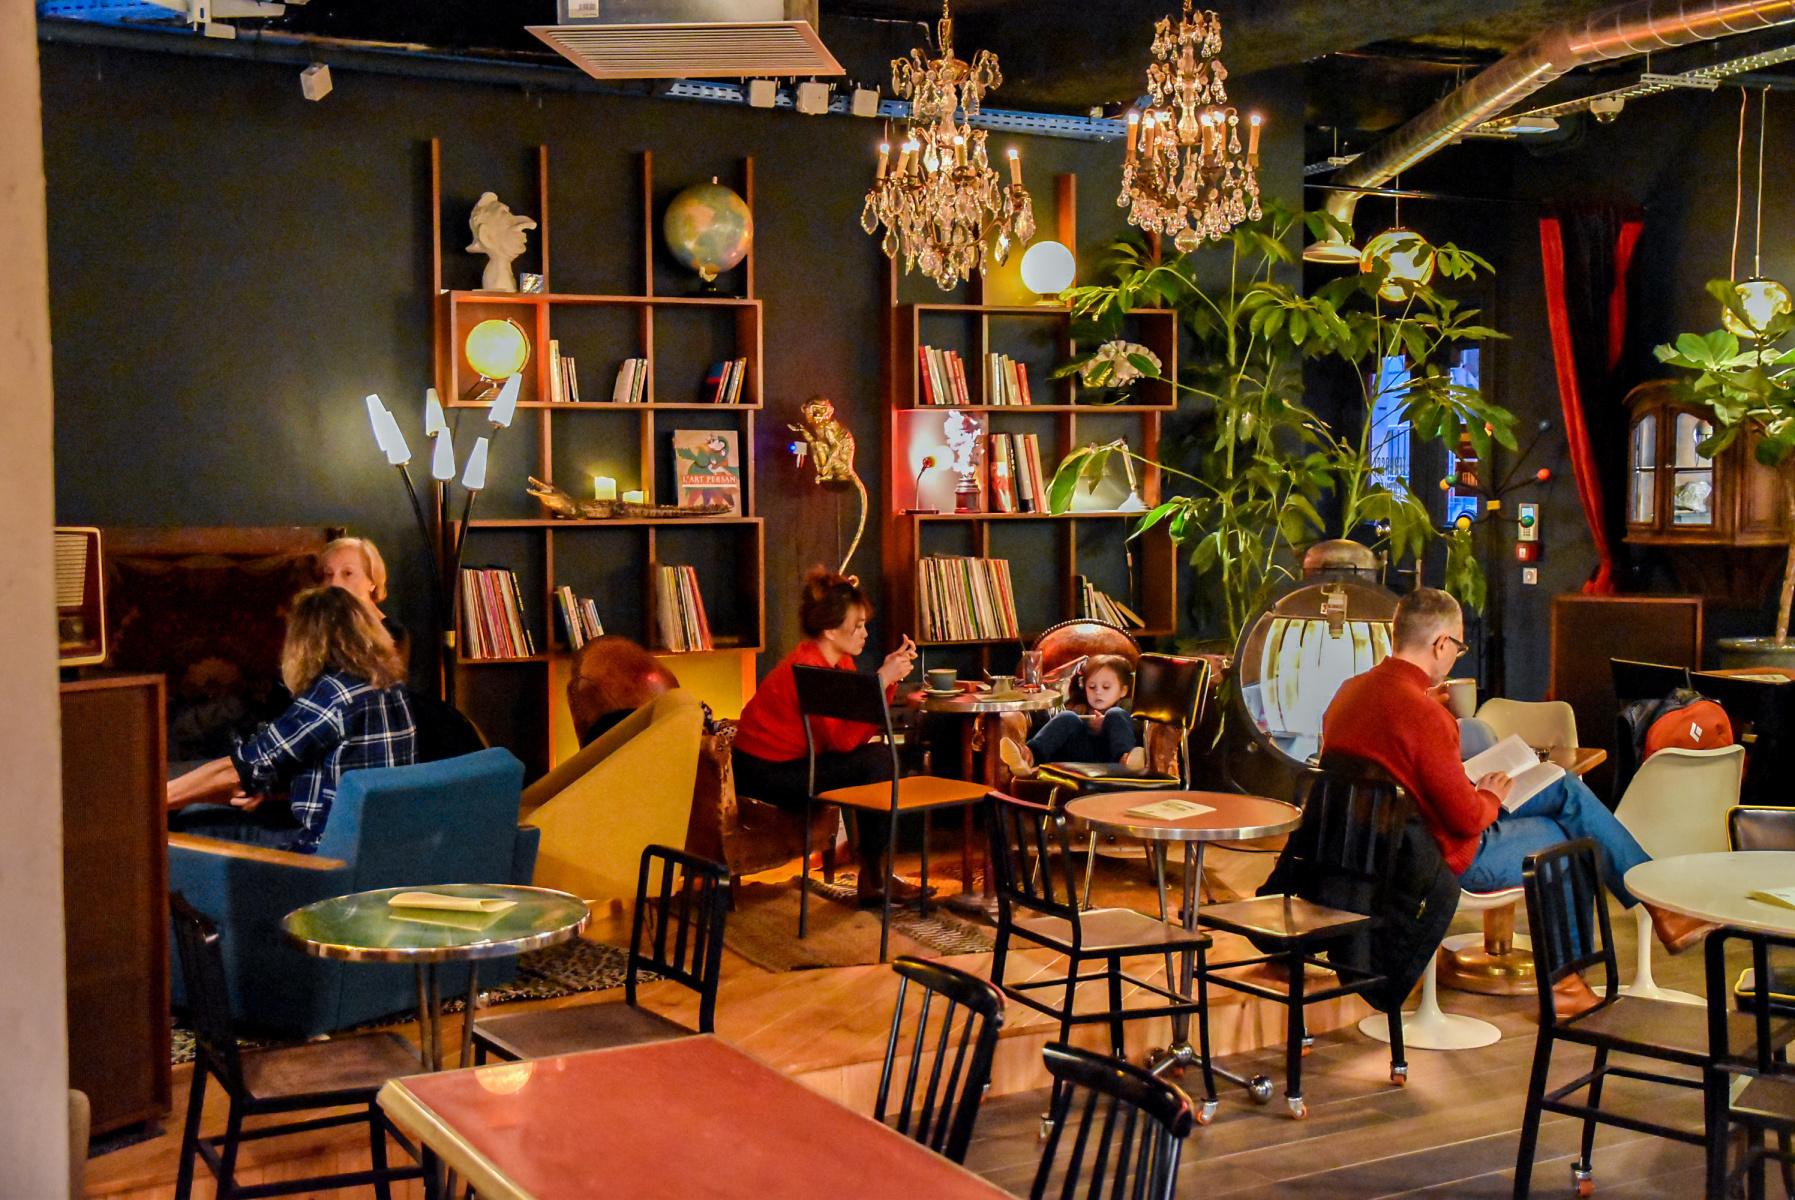 Griffon Cafe Bar Culturel Et Engage Au Coeur Du Marais Sortiraparis Com